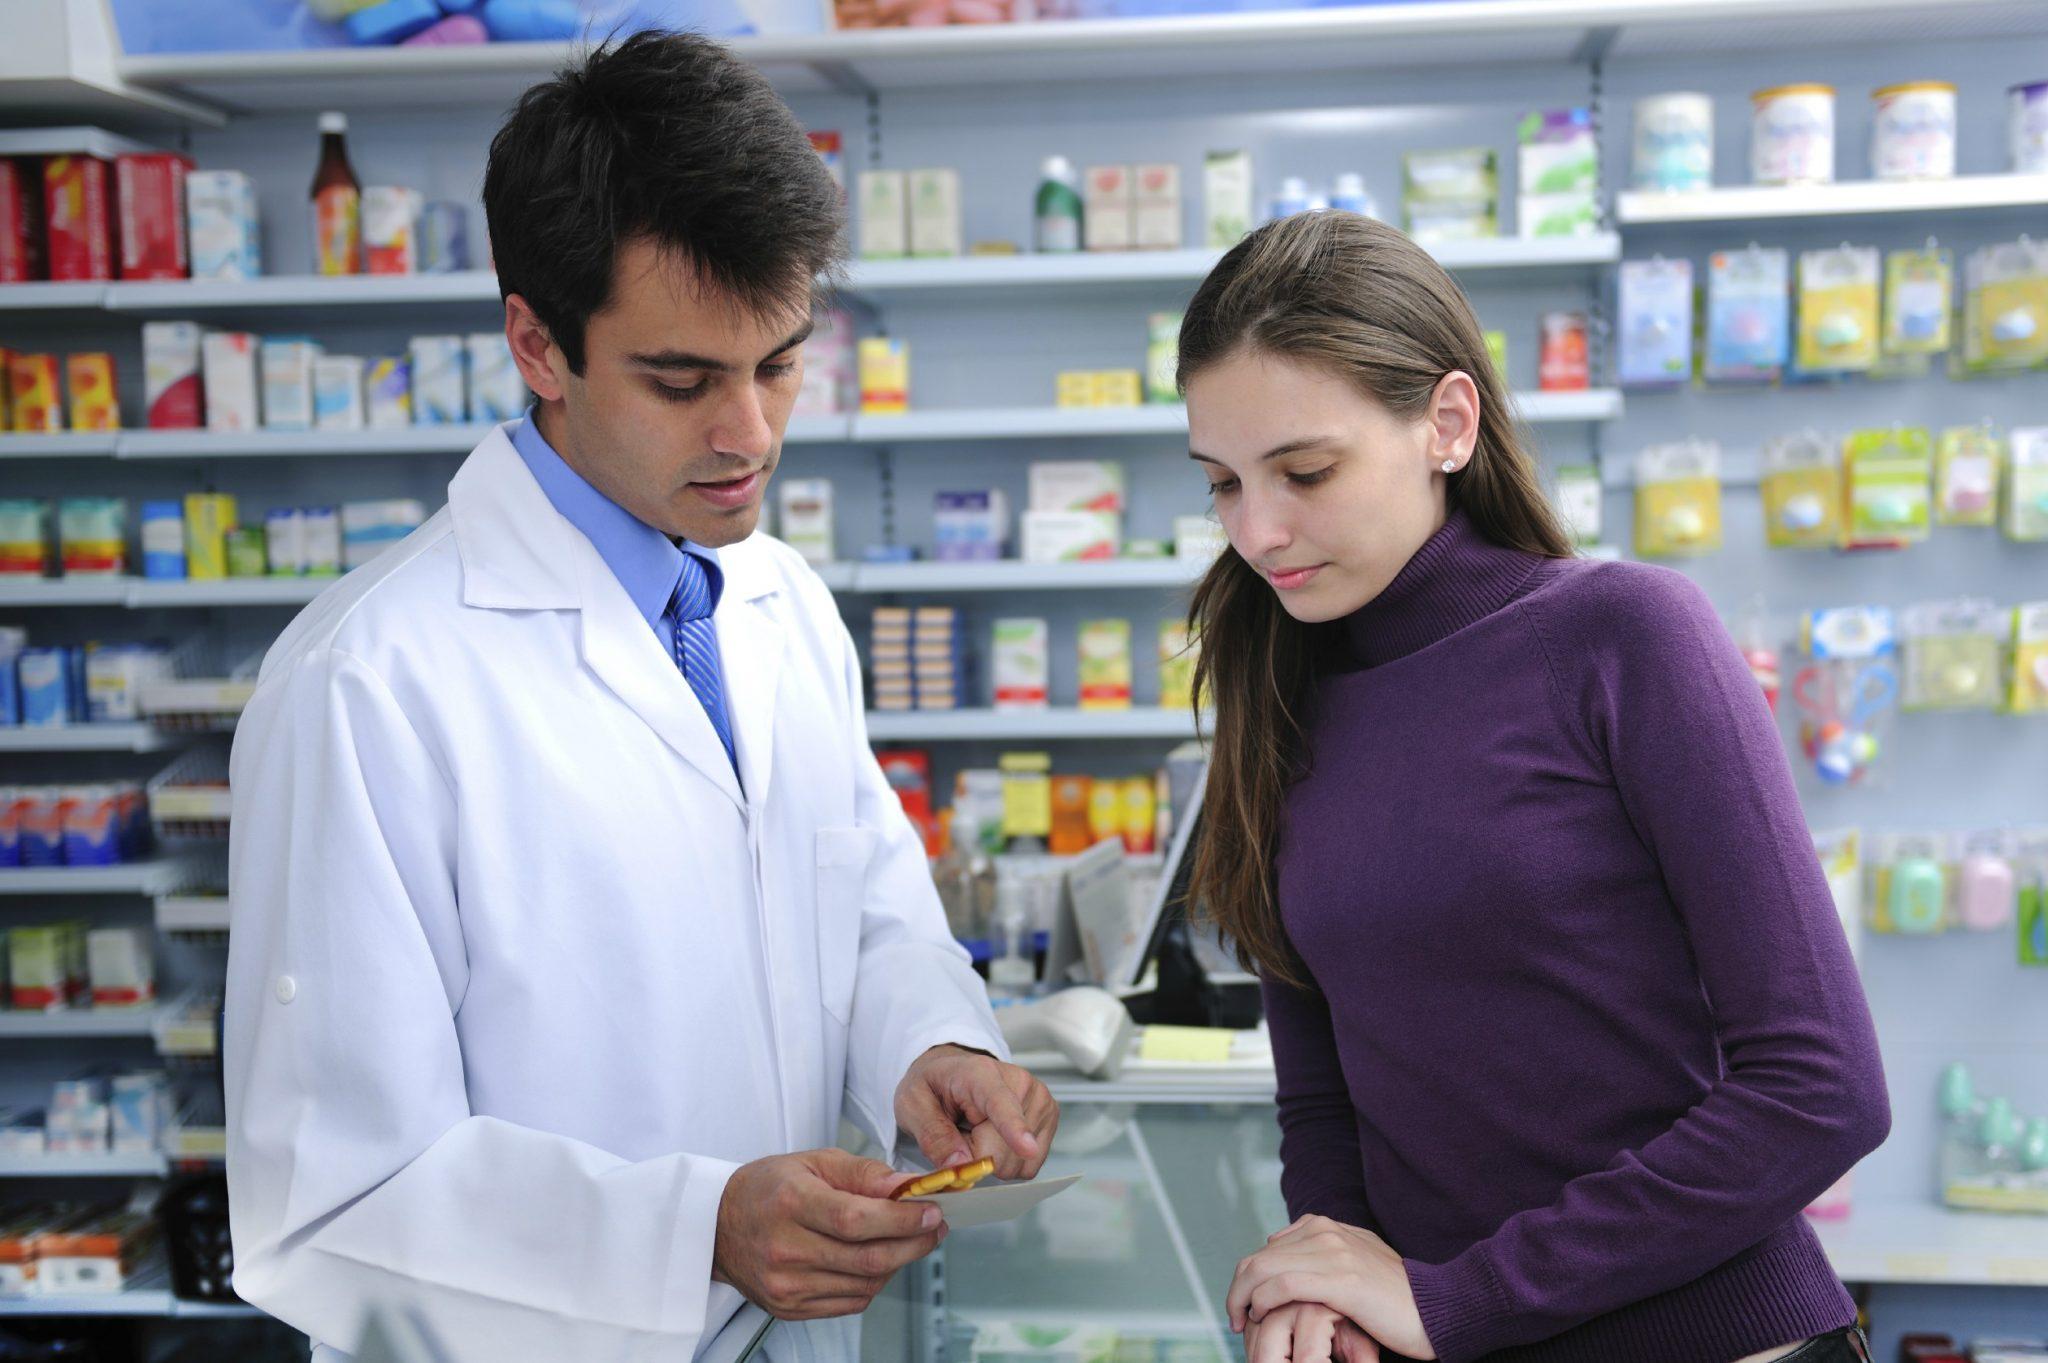 Atendimento farmacêutico para público LGBTQIA+